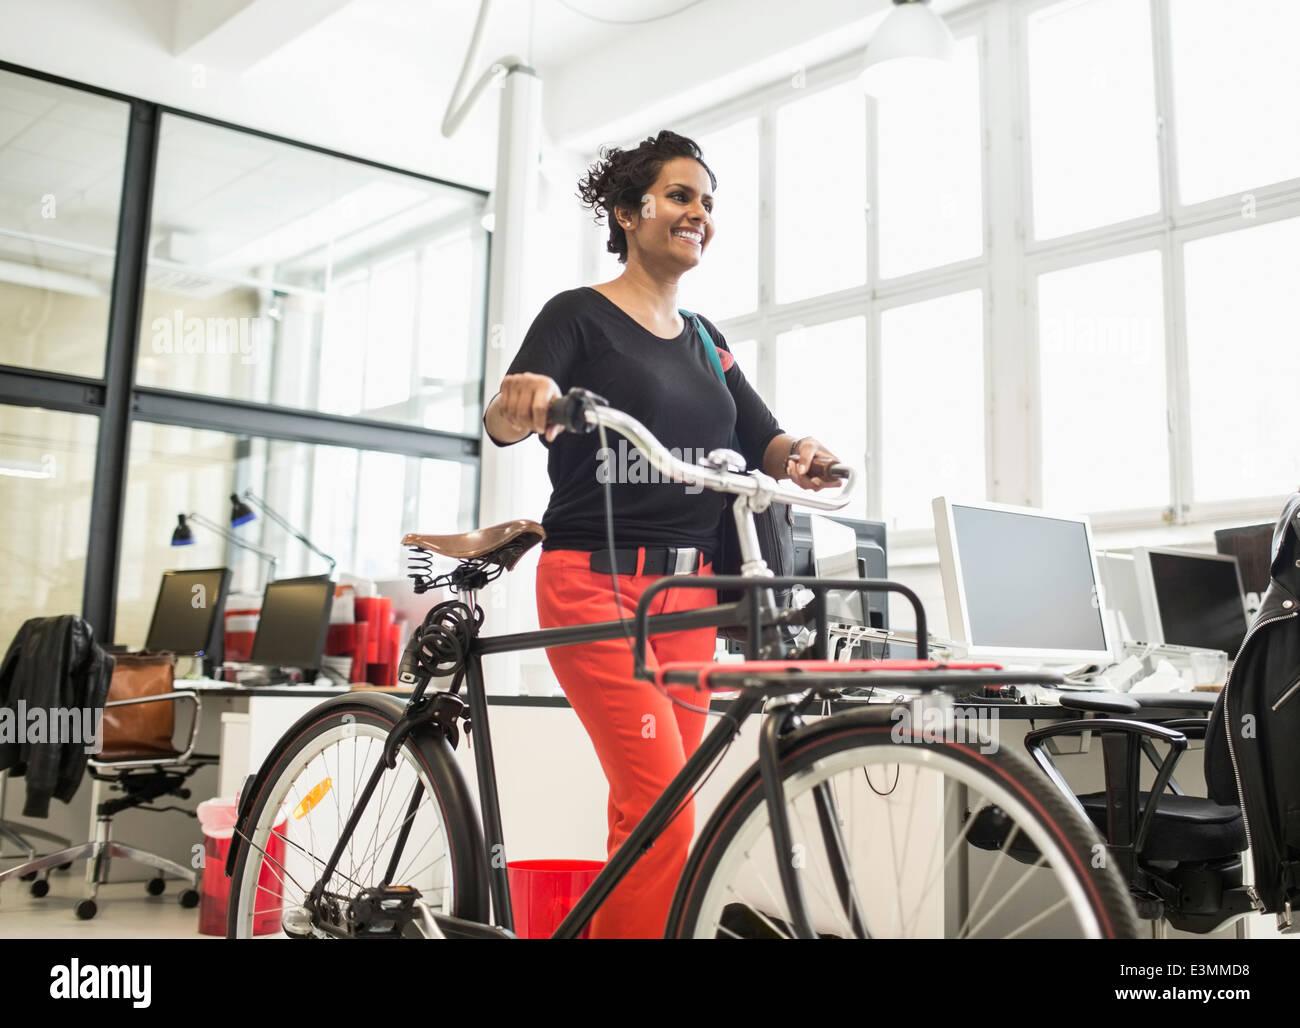 Lächelnd Geschäftsfrau mit dem Fahrrad, zu Fuß in Kreativbüro Stockbild